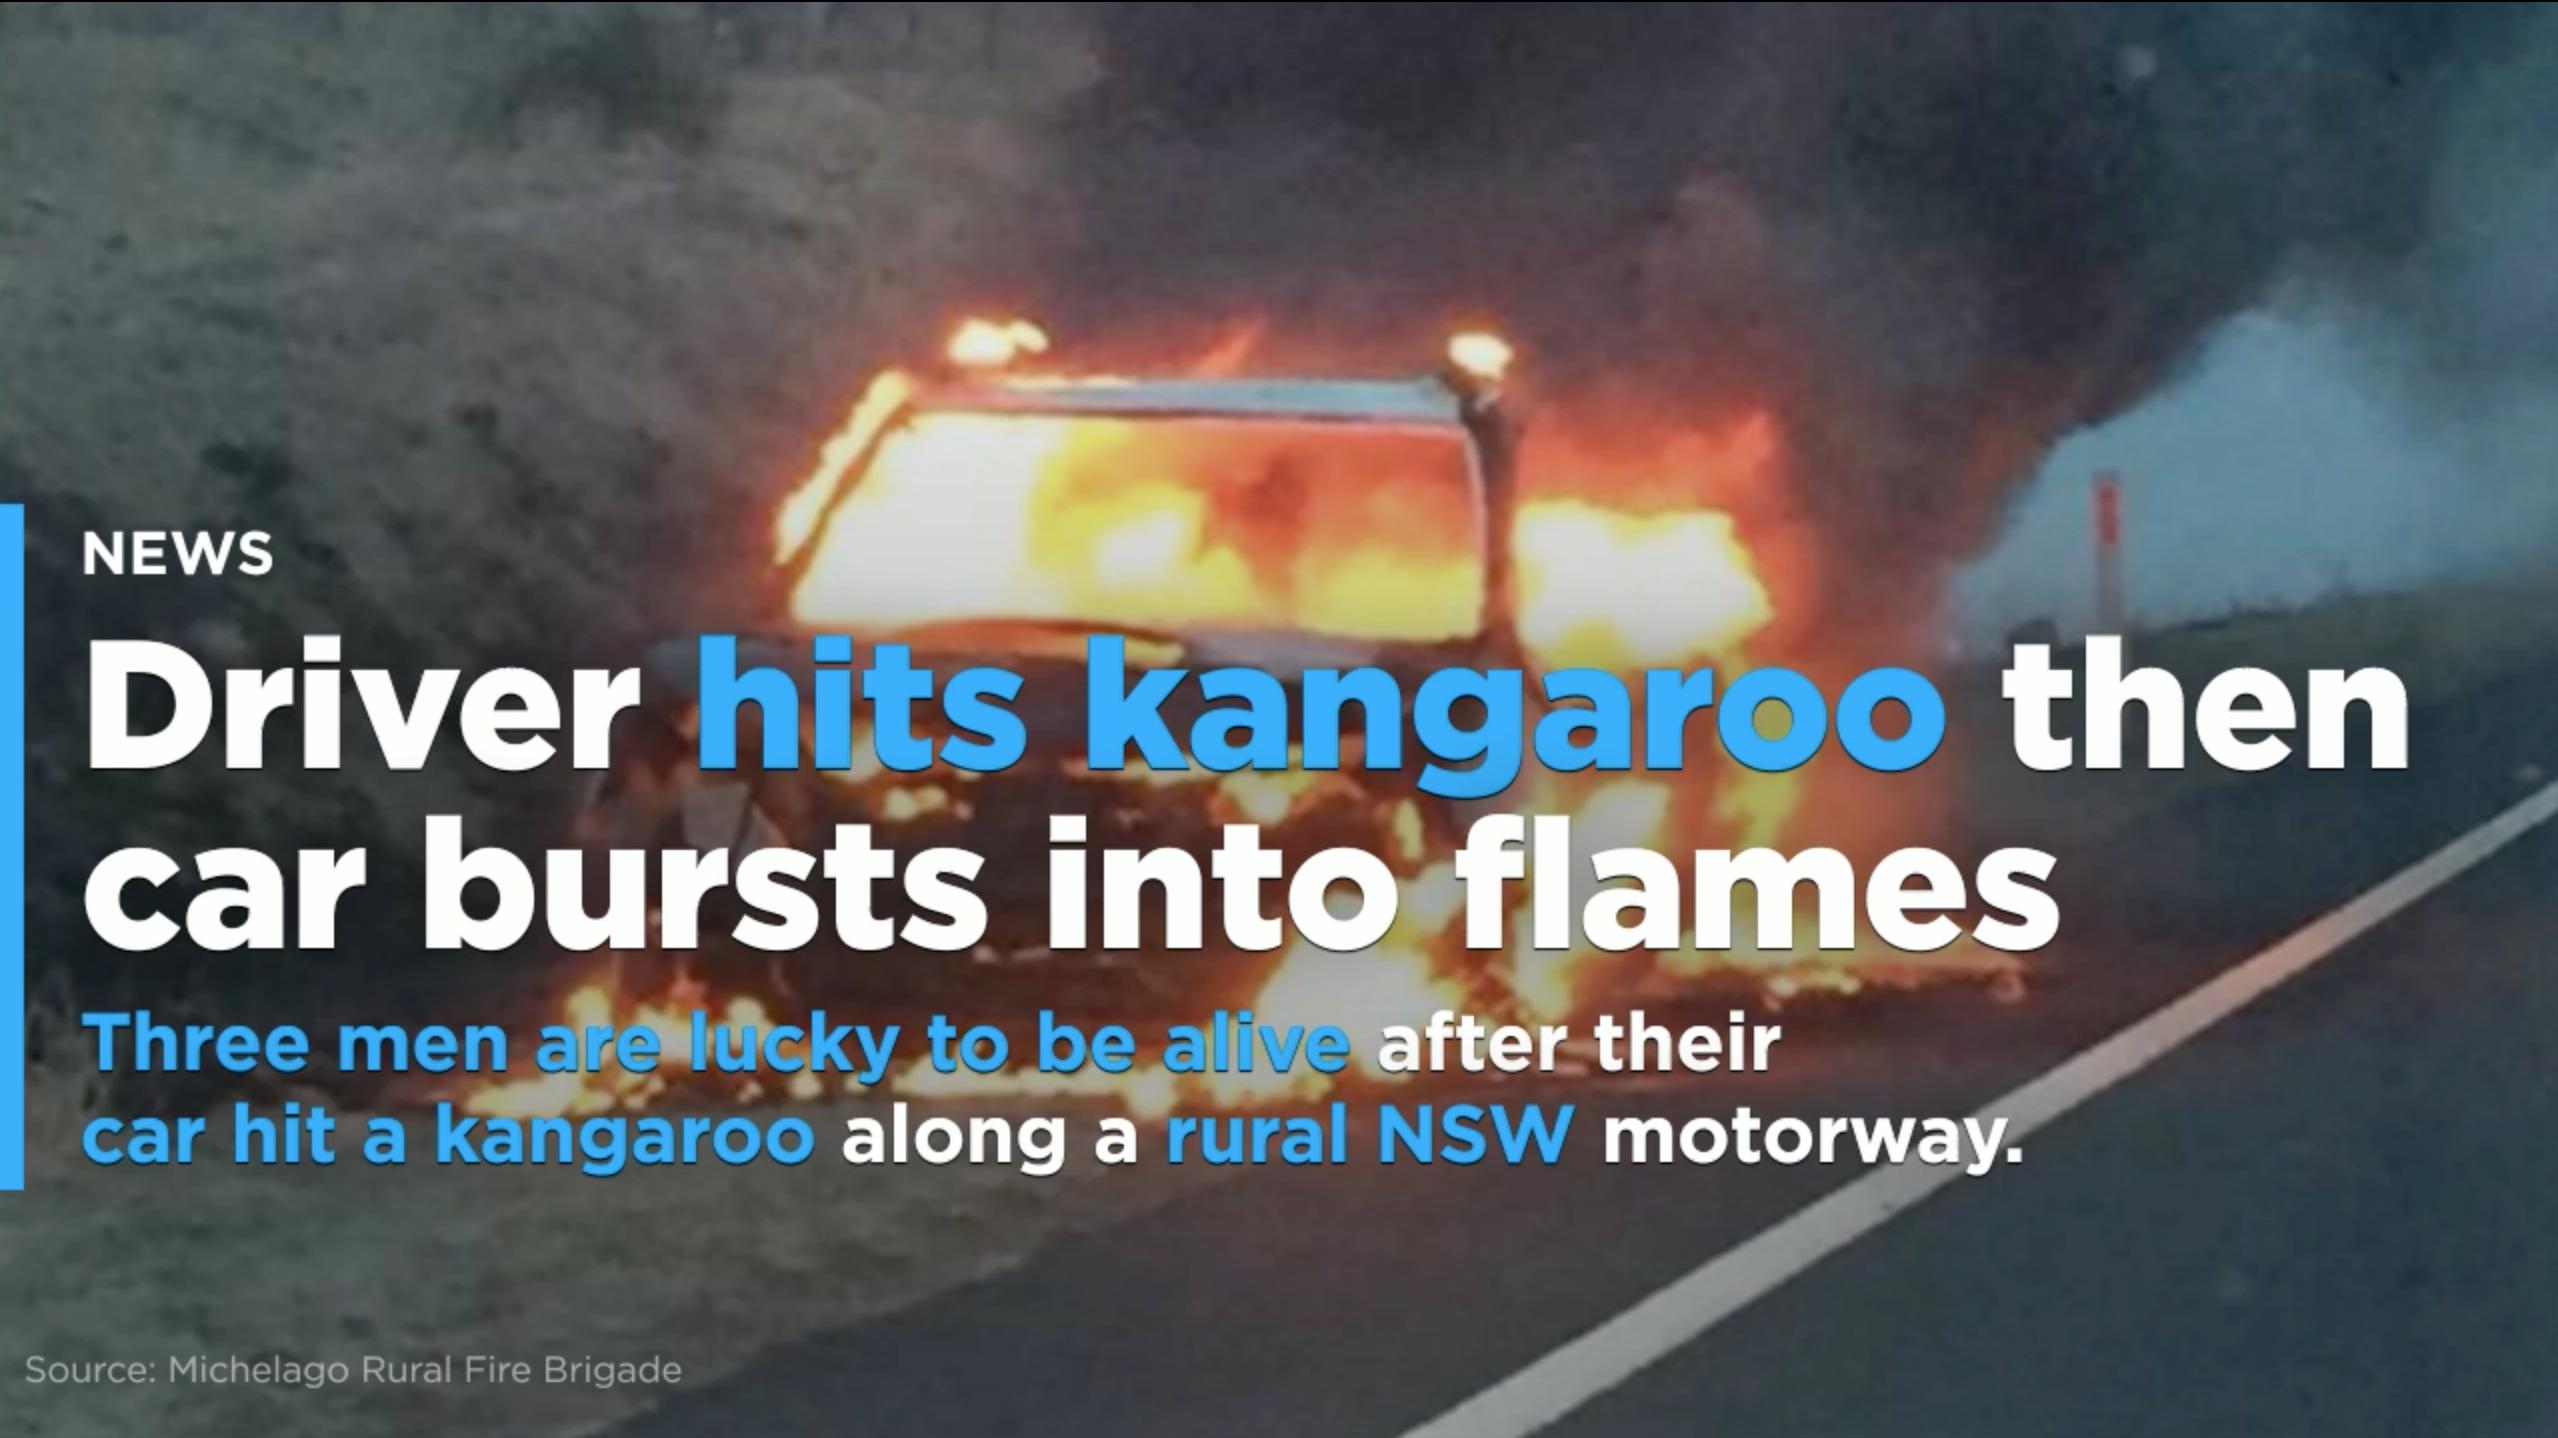 nsw car hits kangaroo bursts into flames at michelago